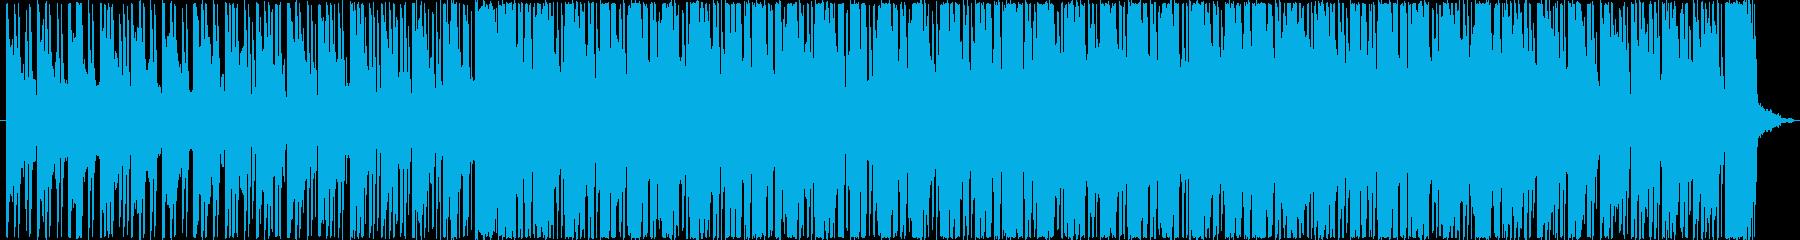 リズミックでコミカルな雰囲気のBGMの再生済みの波形